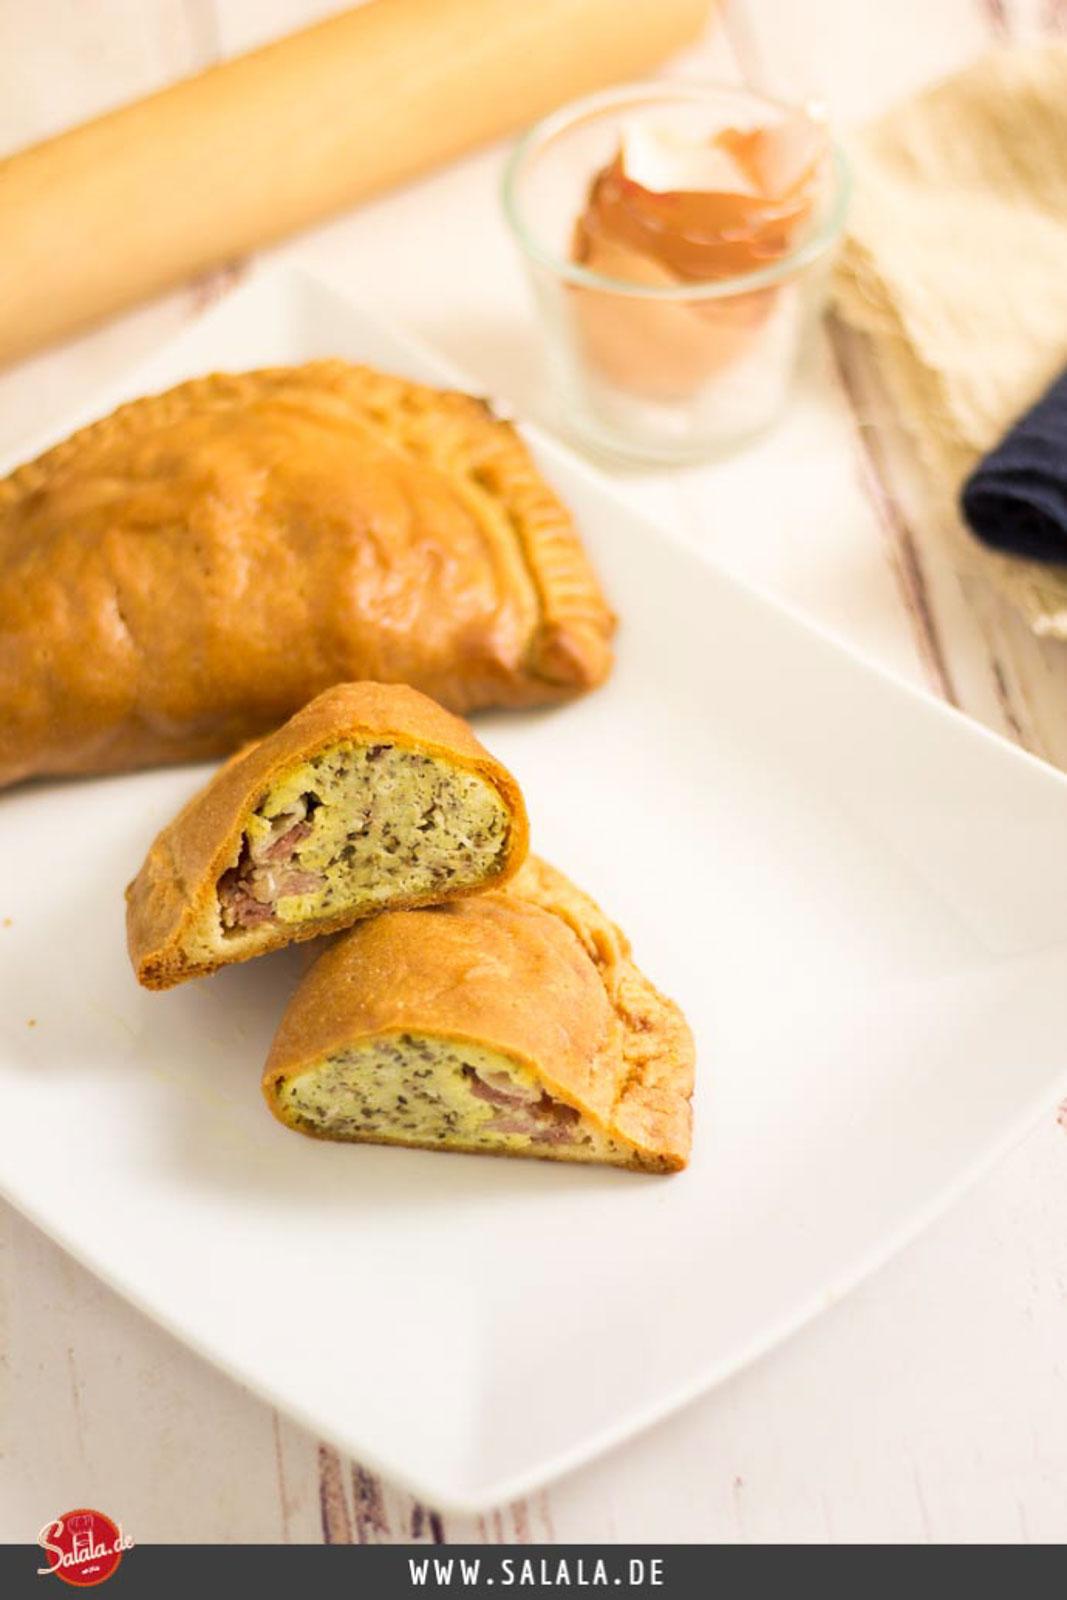 Heiße Keto Teigtaschen - by salala.de - ohne Mehl Low Carb Rezept mit Fathead Teig und Bacon zum Frühstück #lowcarb #keto #glutenfrei #breakfast